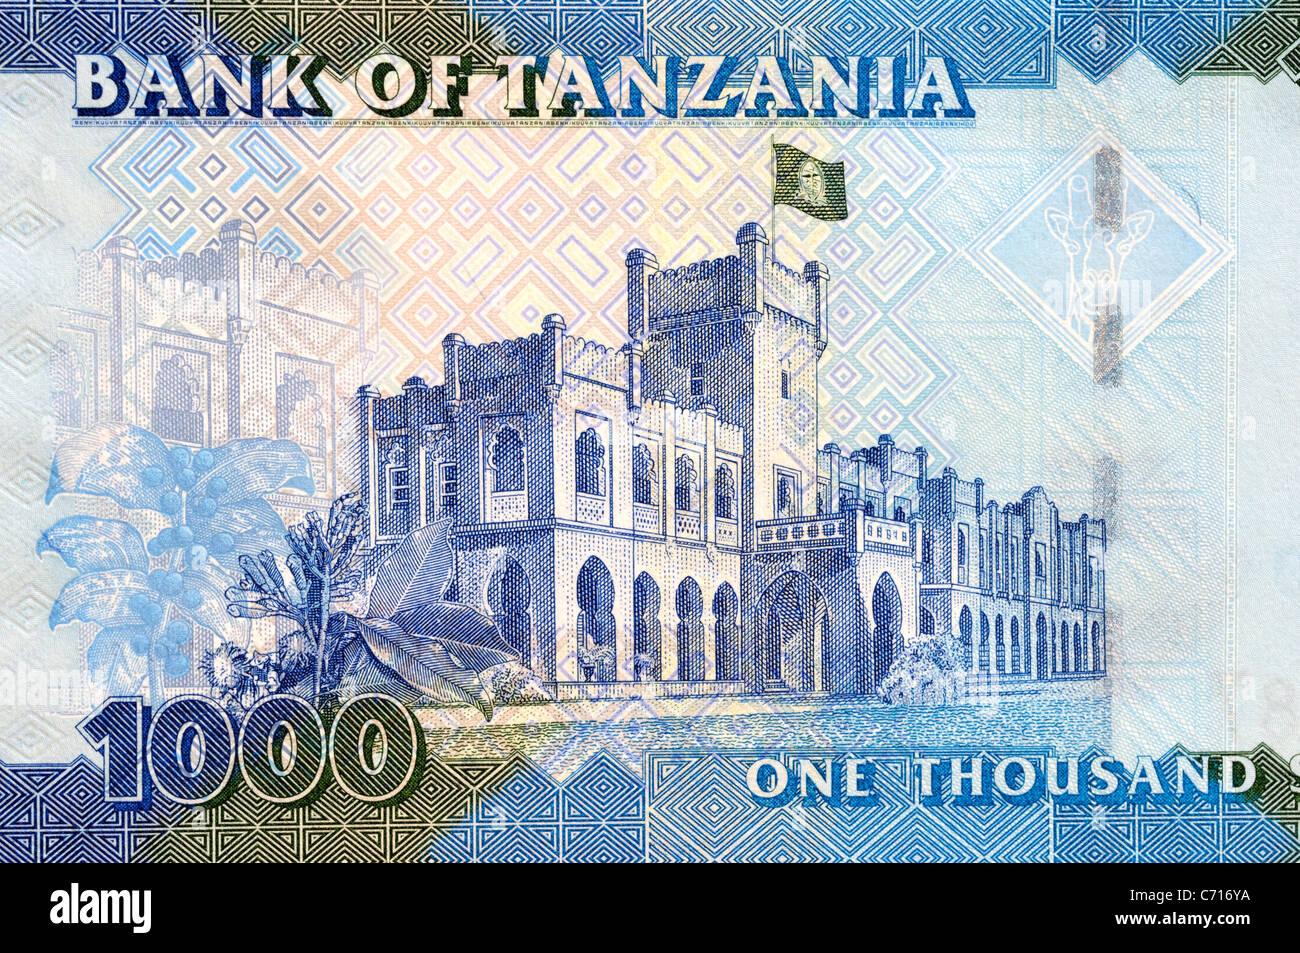 Tanzania 1000 Mille scellino nota banca. Immagini Stock